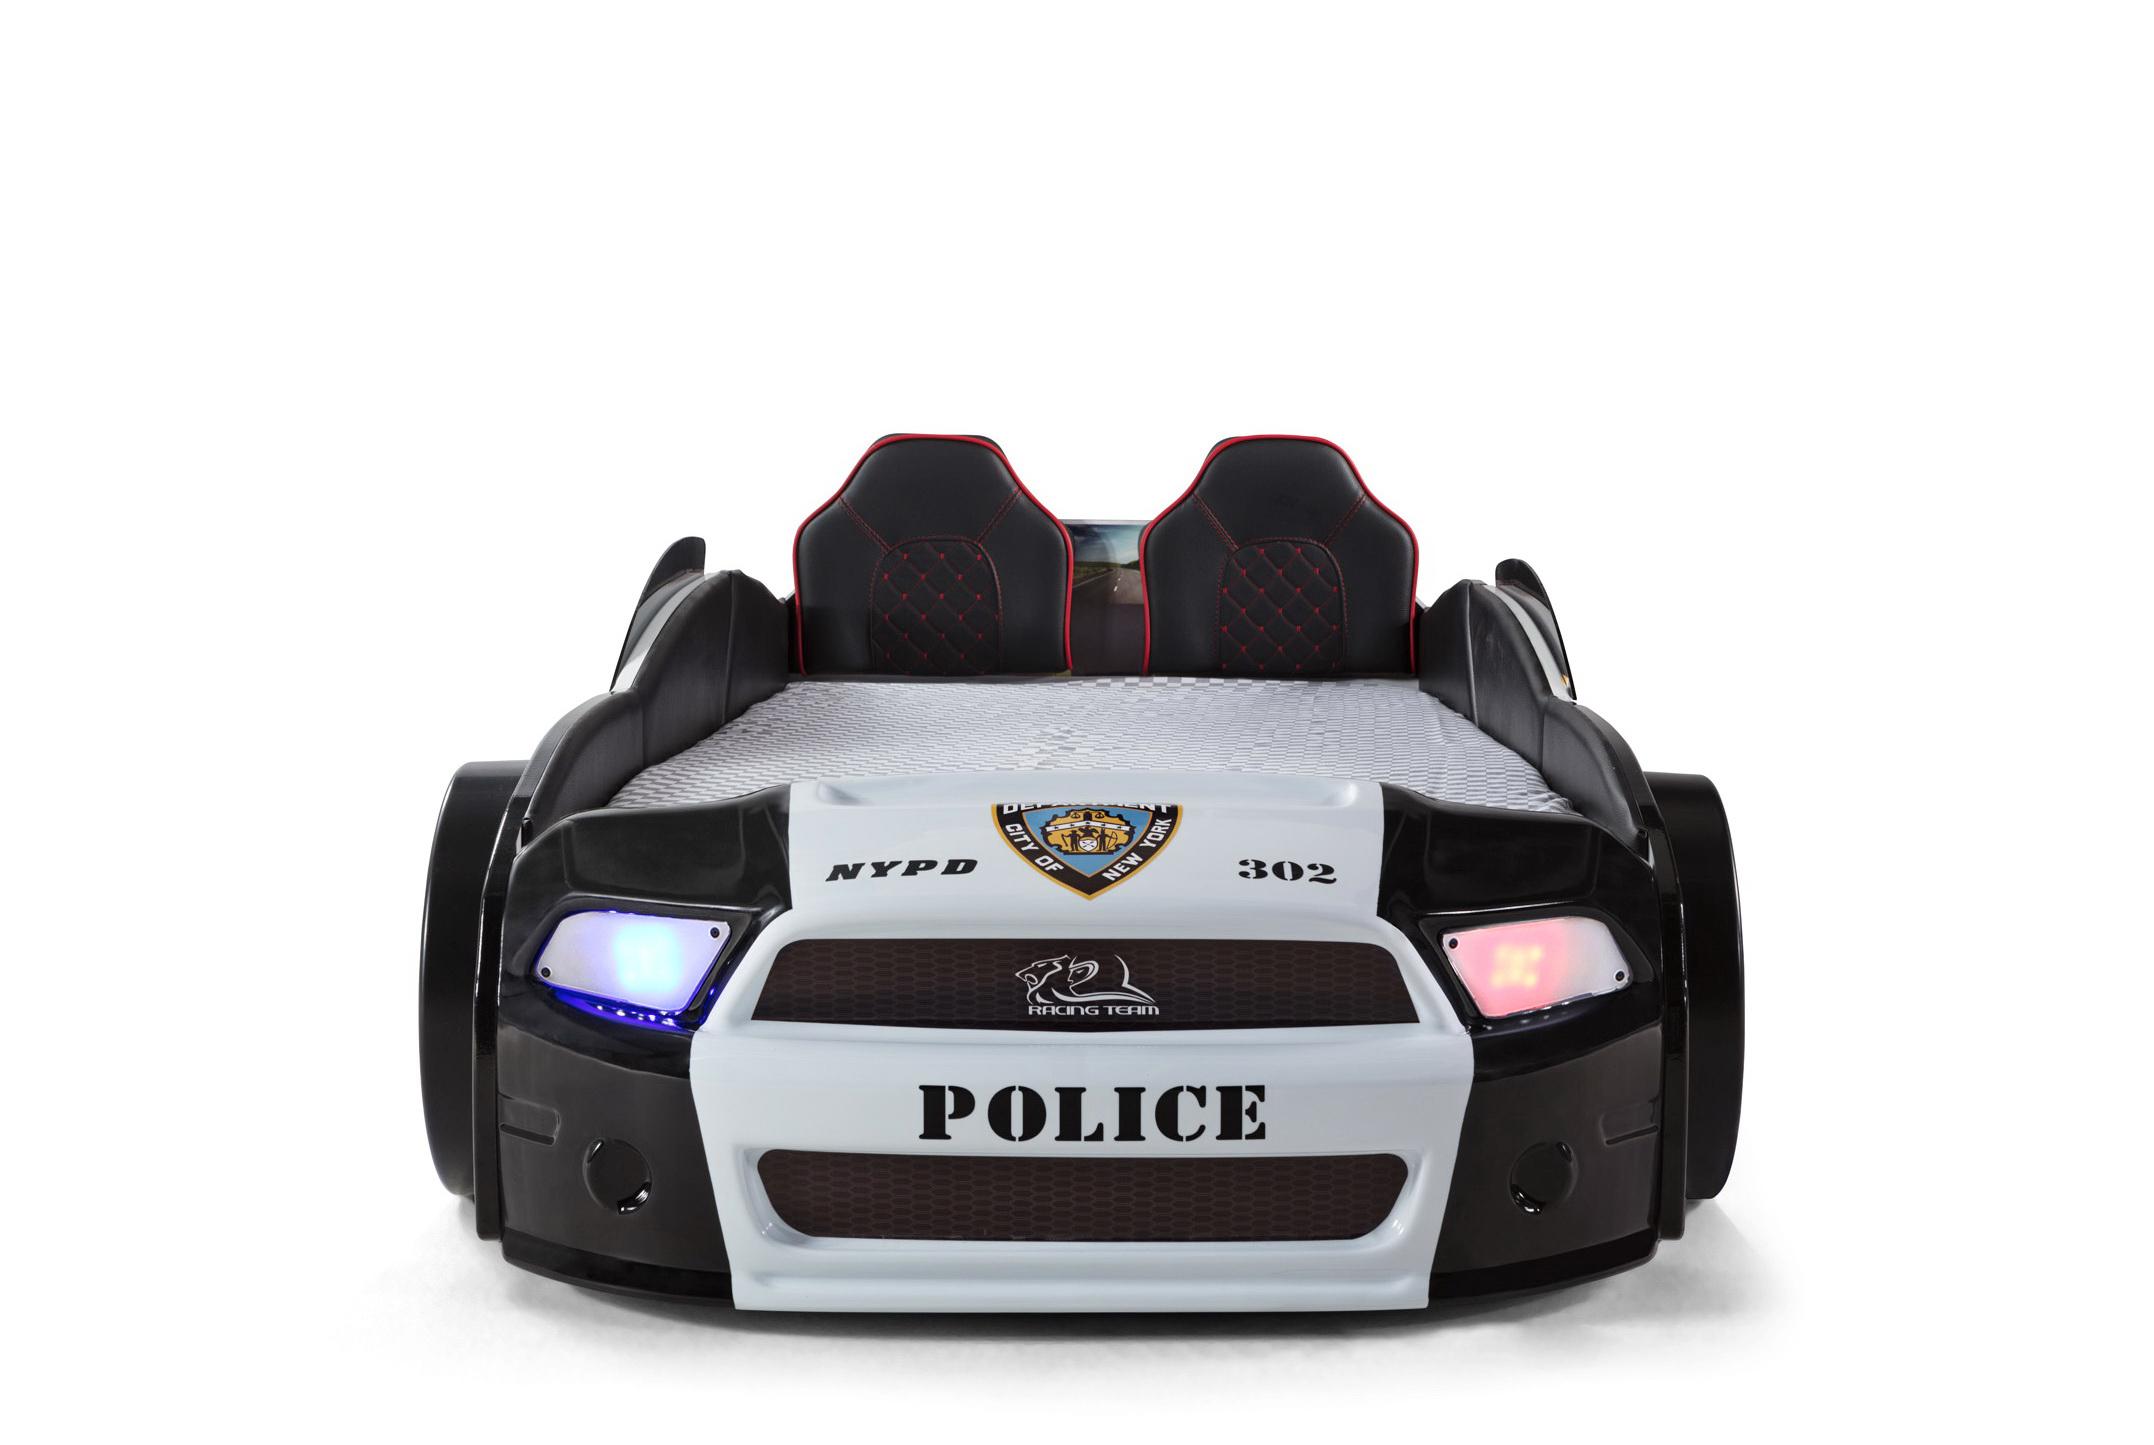 Autobett Must Rider Police 500 Ausstellungsstück